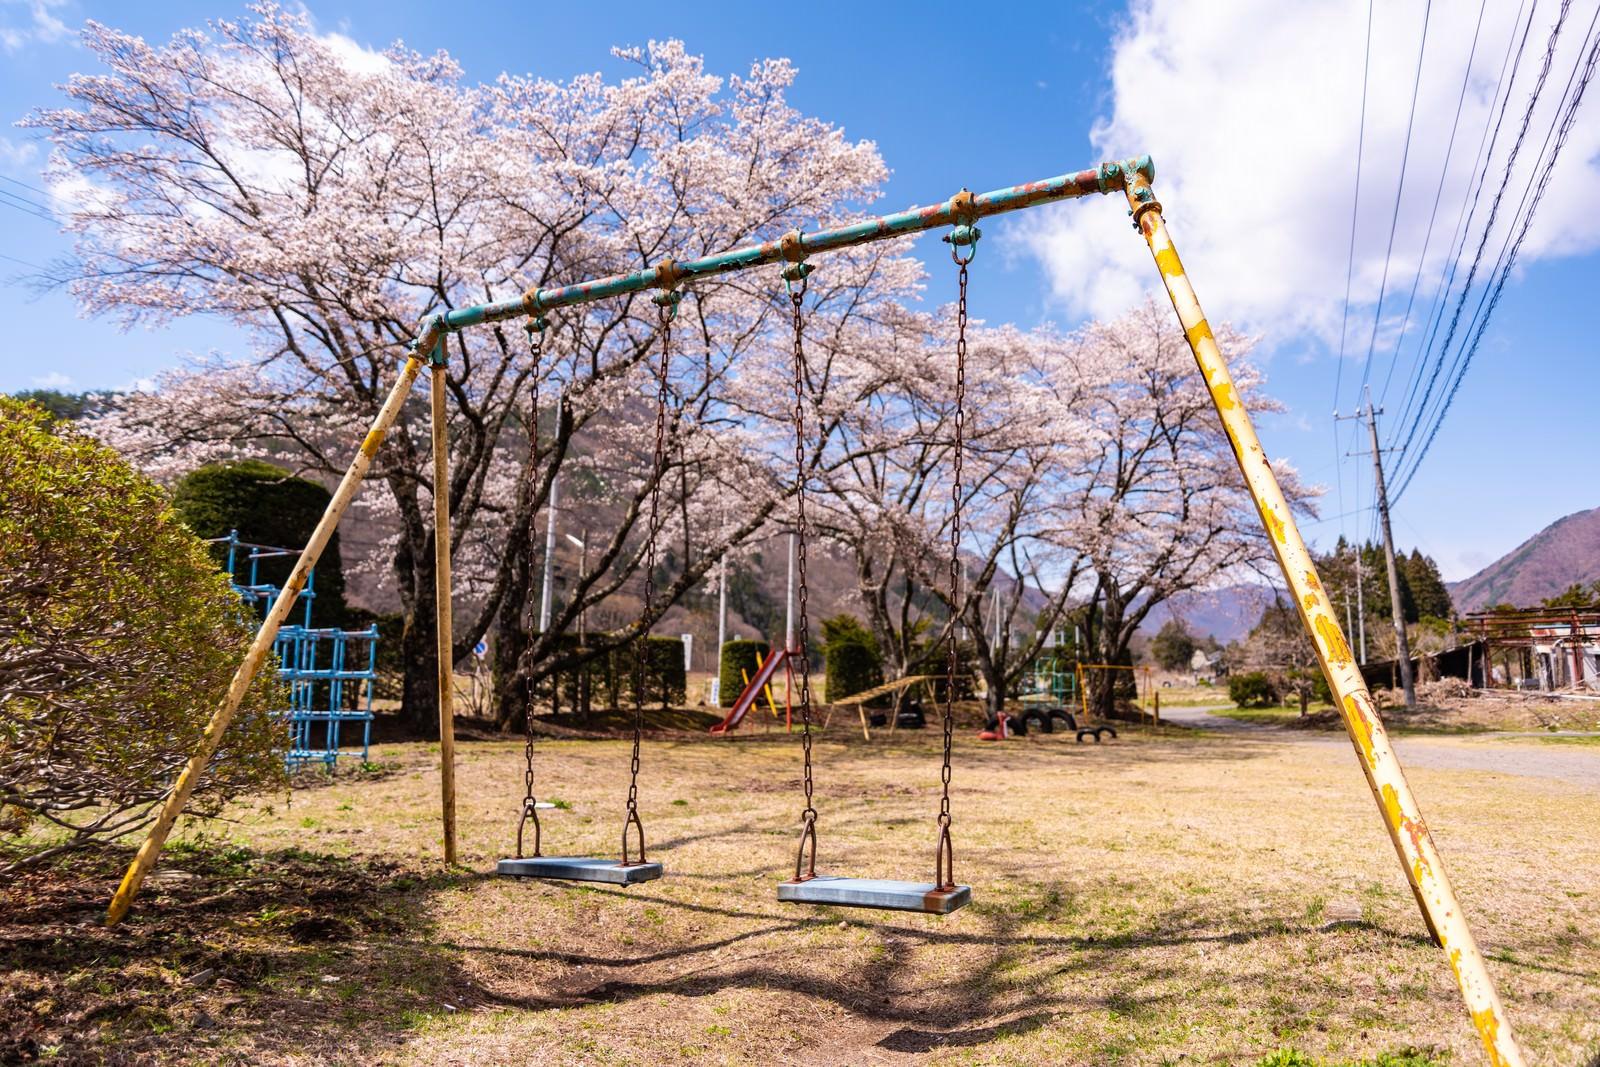 「児童公園に咲く桜とブランコ」の写真